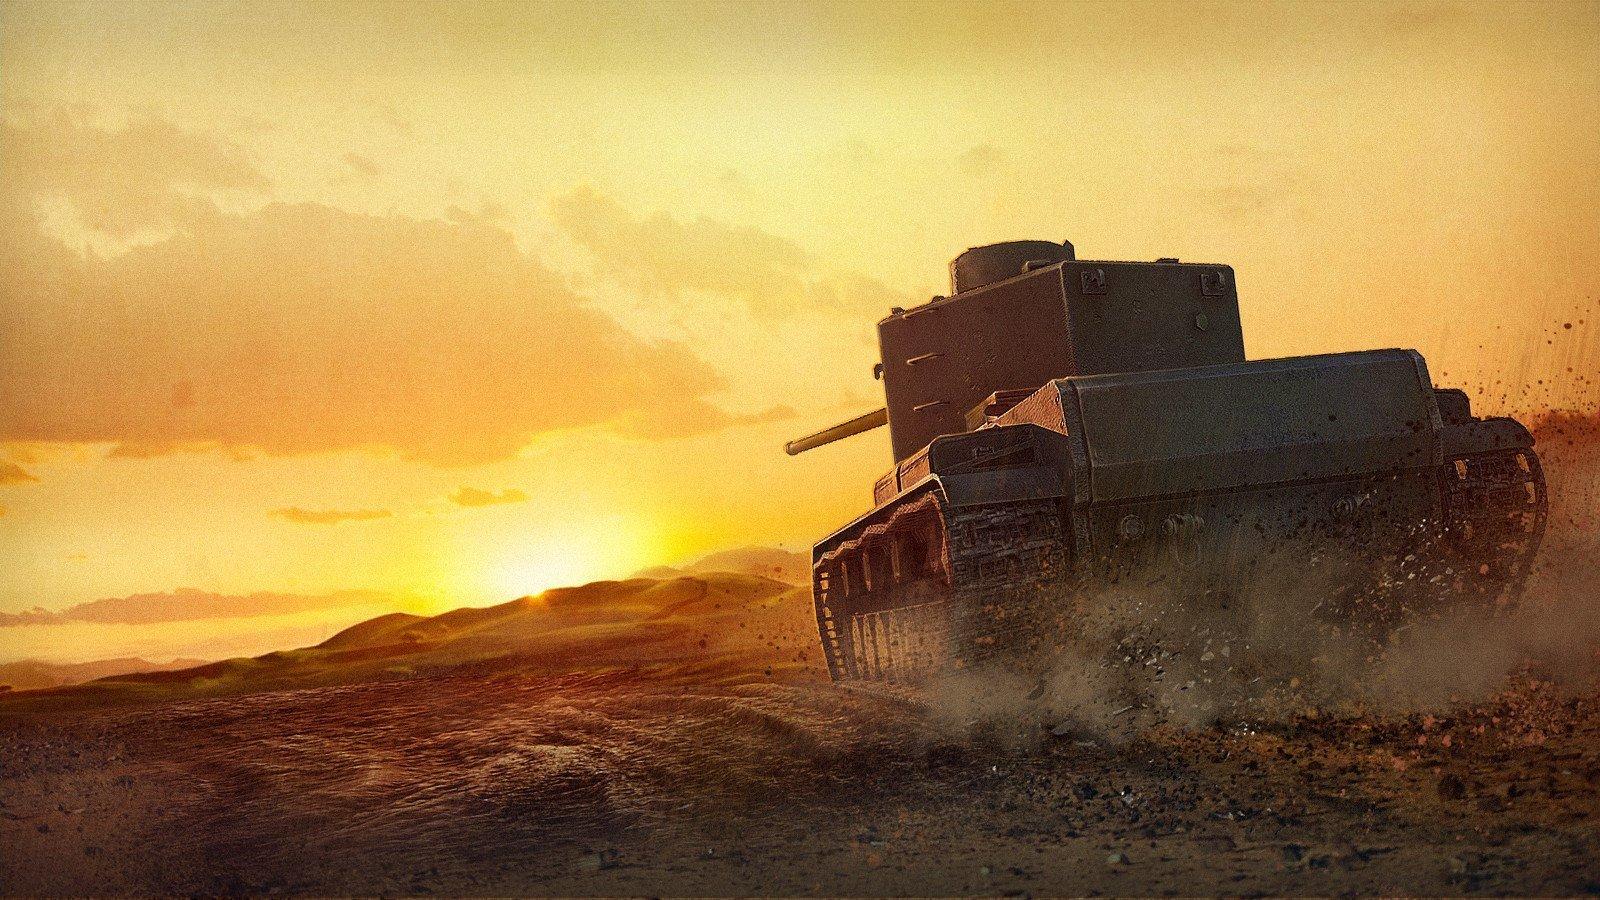 КВ-5 снова в World Of Tanks, но только Blitz  - Изображение 1